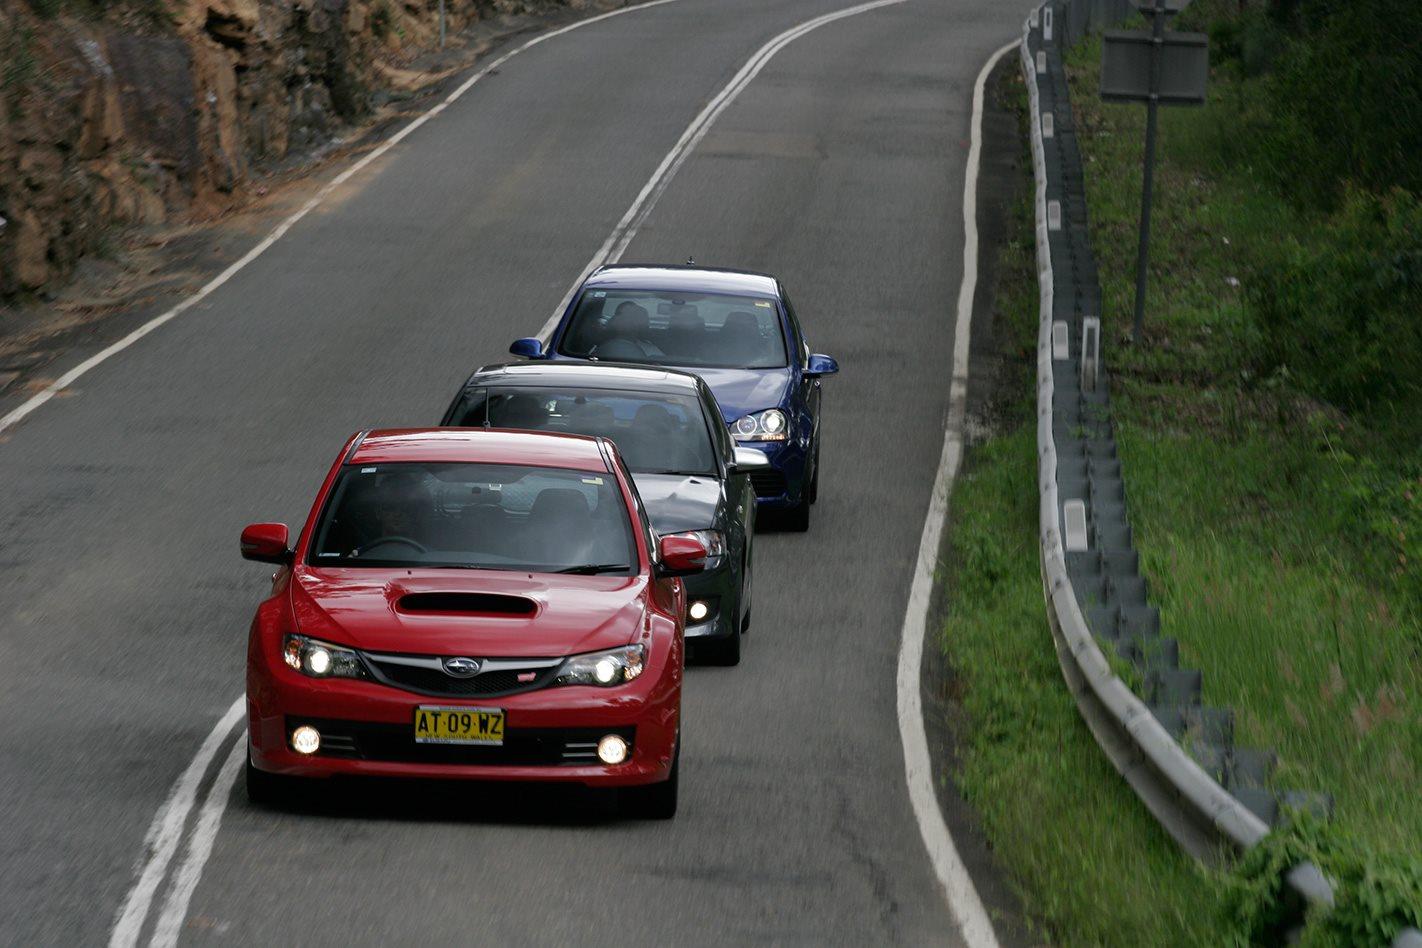 2008 Subaru Impreza WRX STI vs Audi S3 vs Golf R32 front drive.jpg